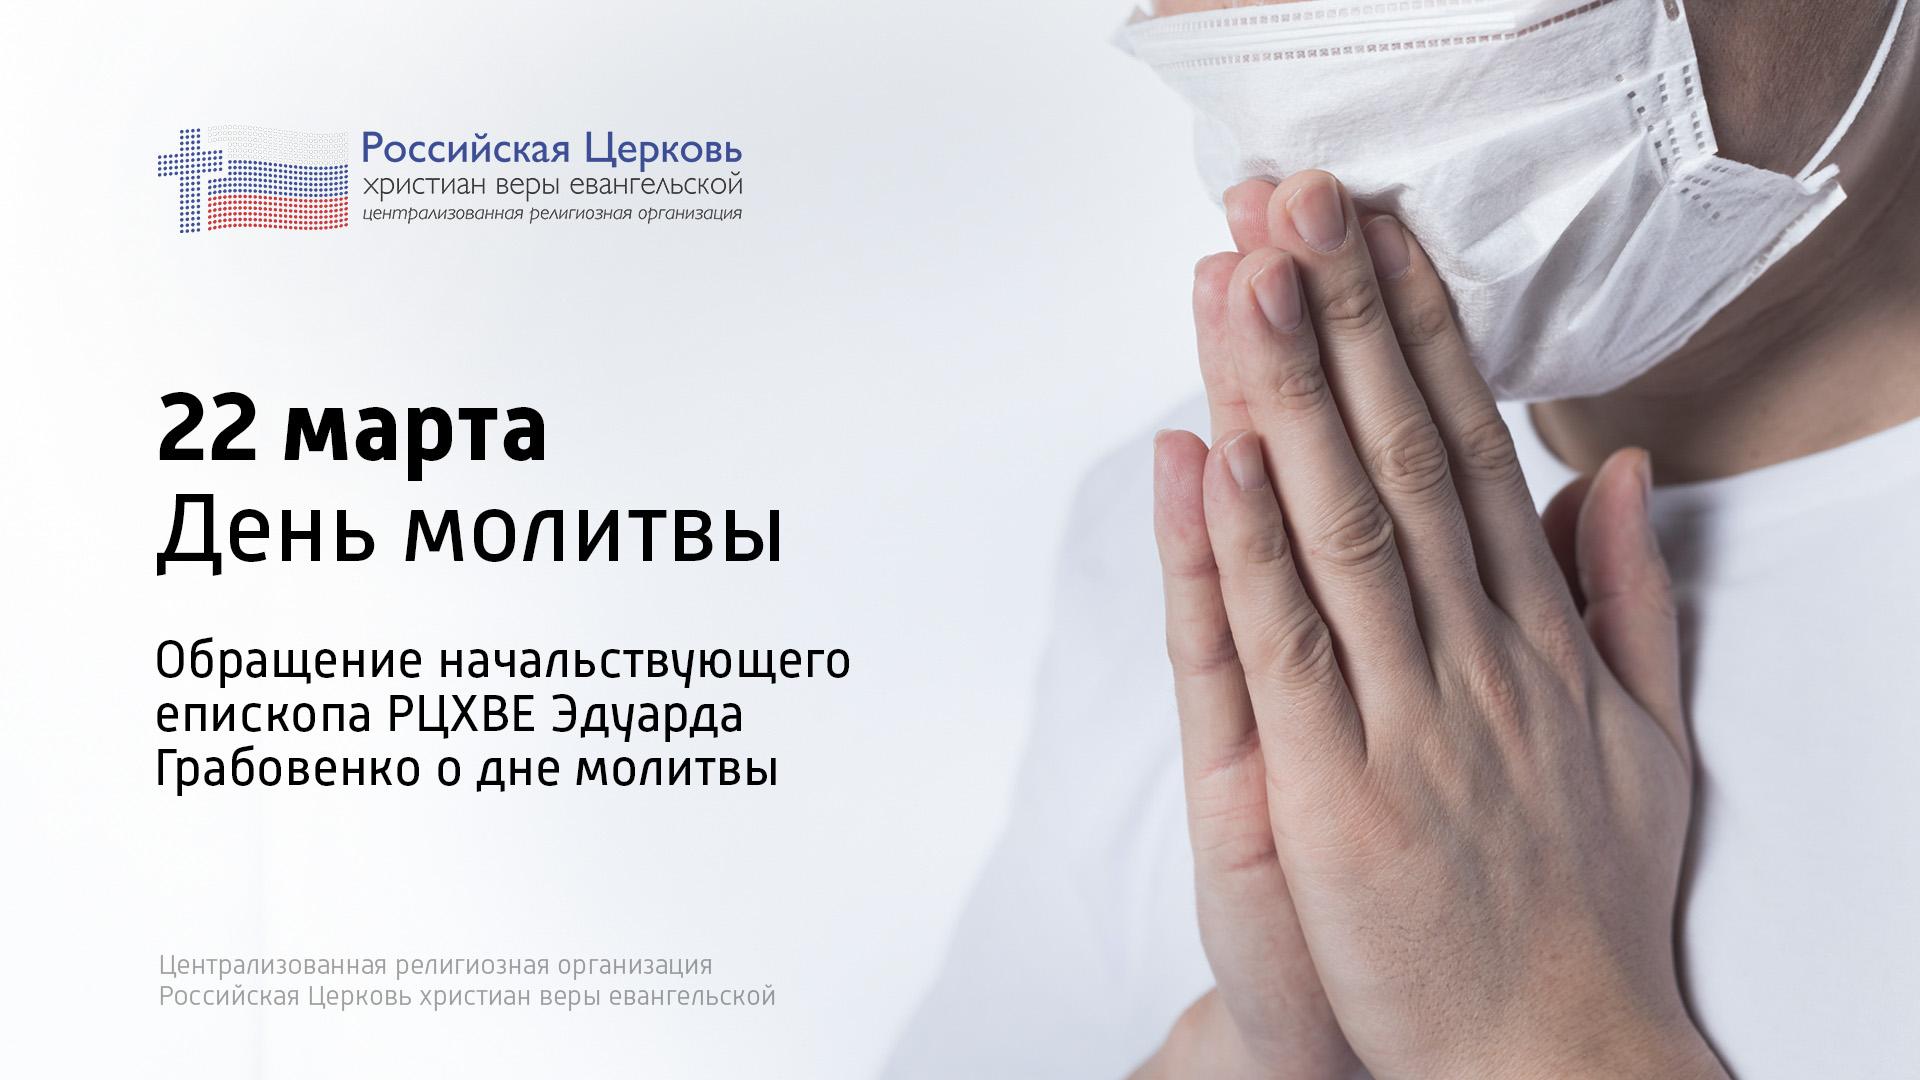 Обращение начальствующего епископа РЦХВЕ Эдуарда Грабовенко о дне молитвы